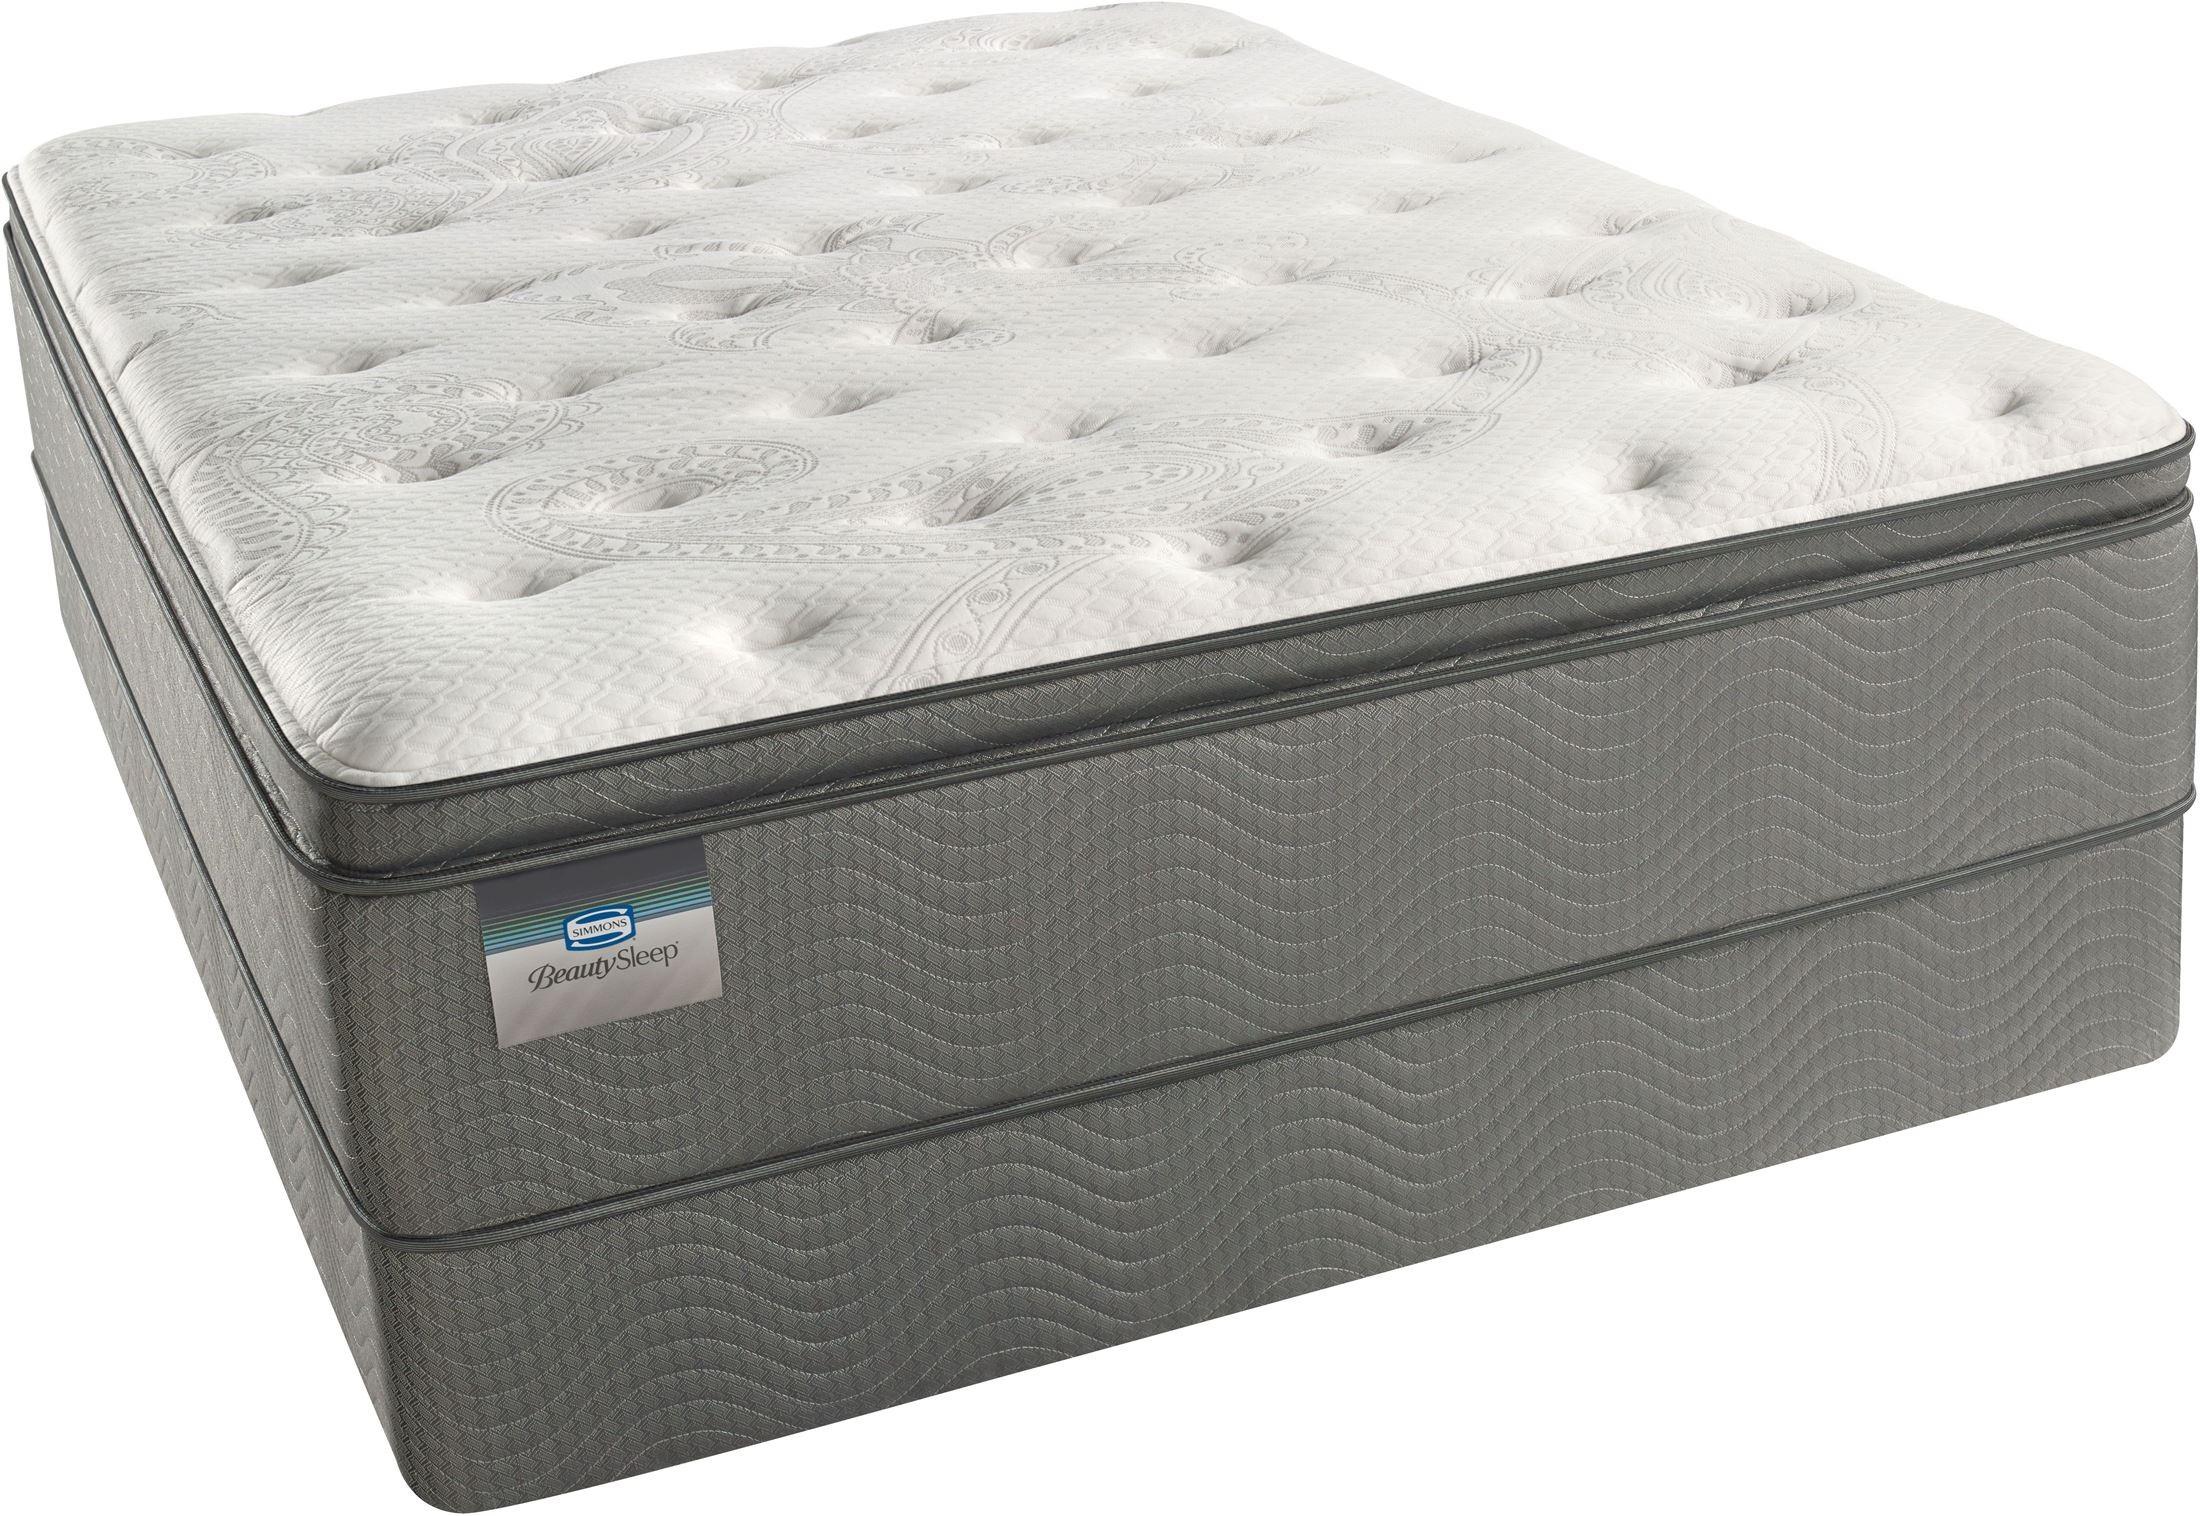 Beautysleep Allegra Pillow Top Plush King Size Mattress From Simmons